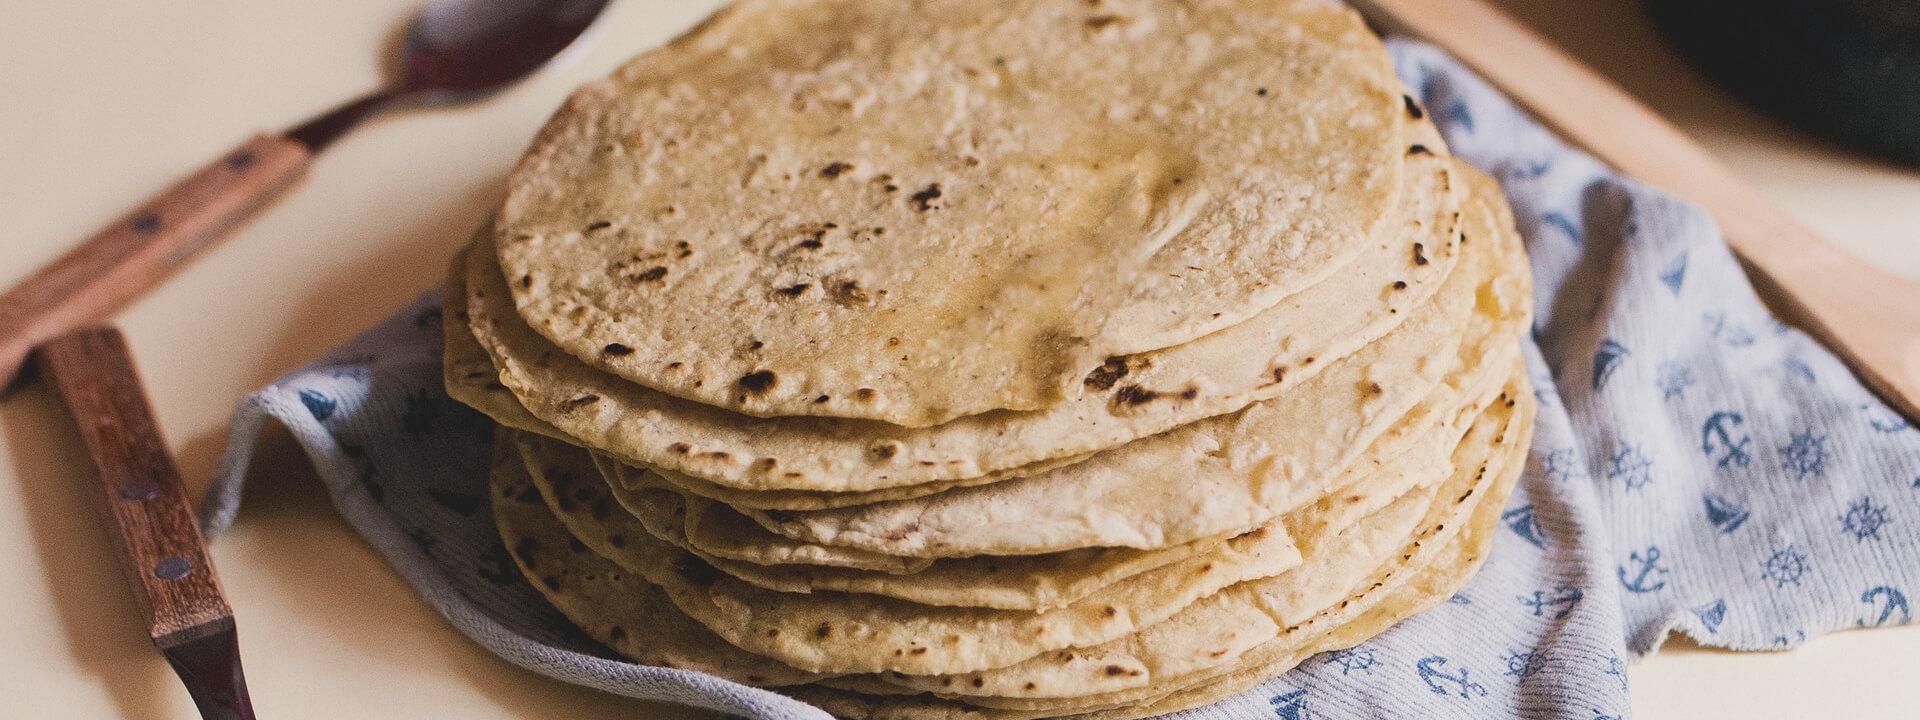 maiz-tortilla